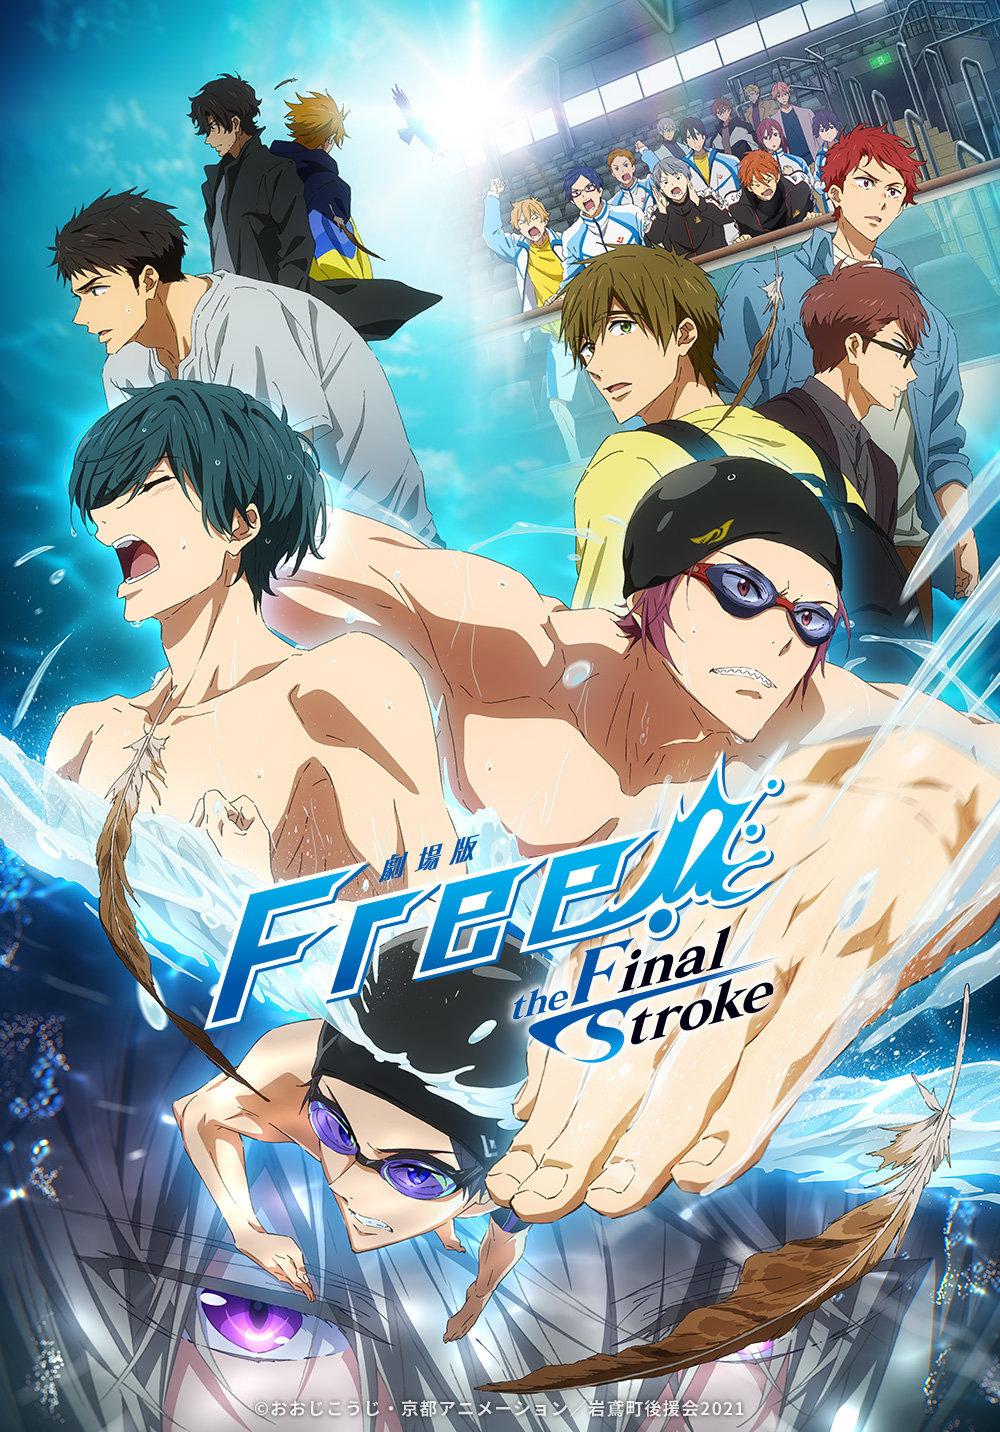 剧场版动画《Free!–the Final Stroke–》第2弹特报和视觉图公开